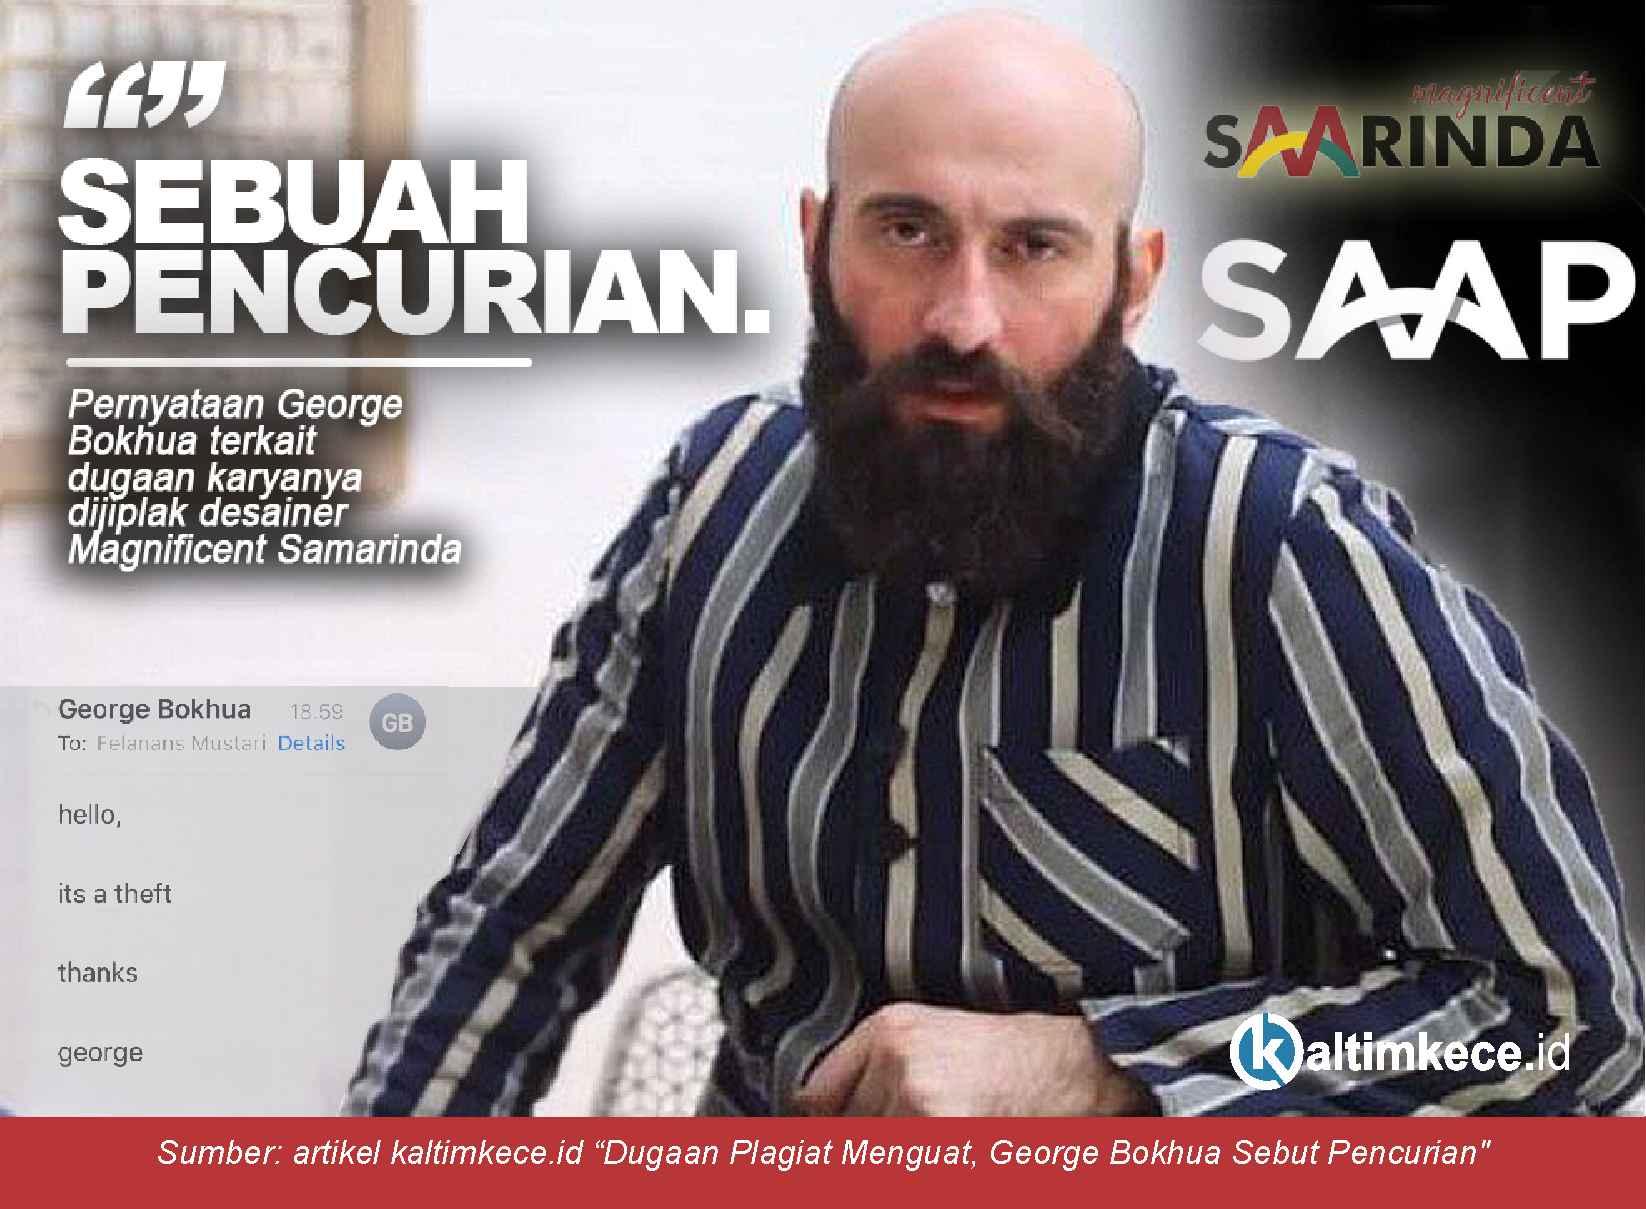 Pemenang Lelang Logo Samarinda Gak Mau Ngaku  Jiplak Desain